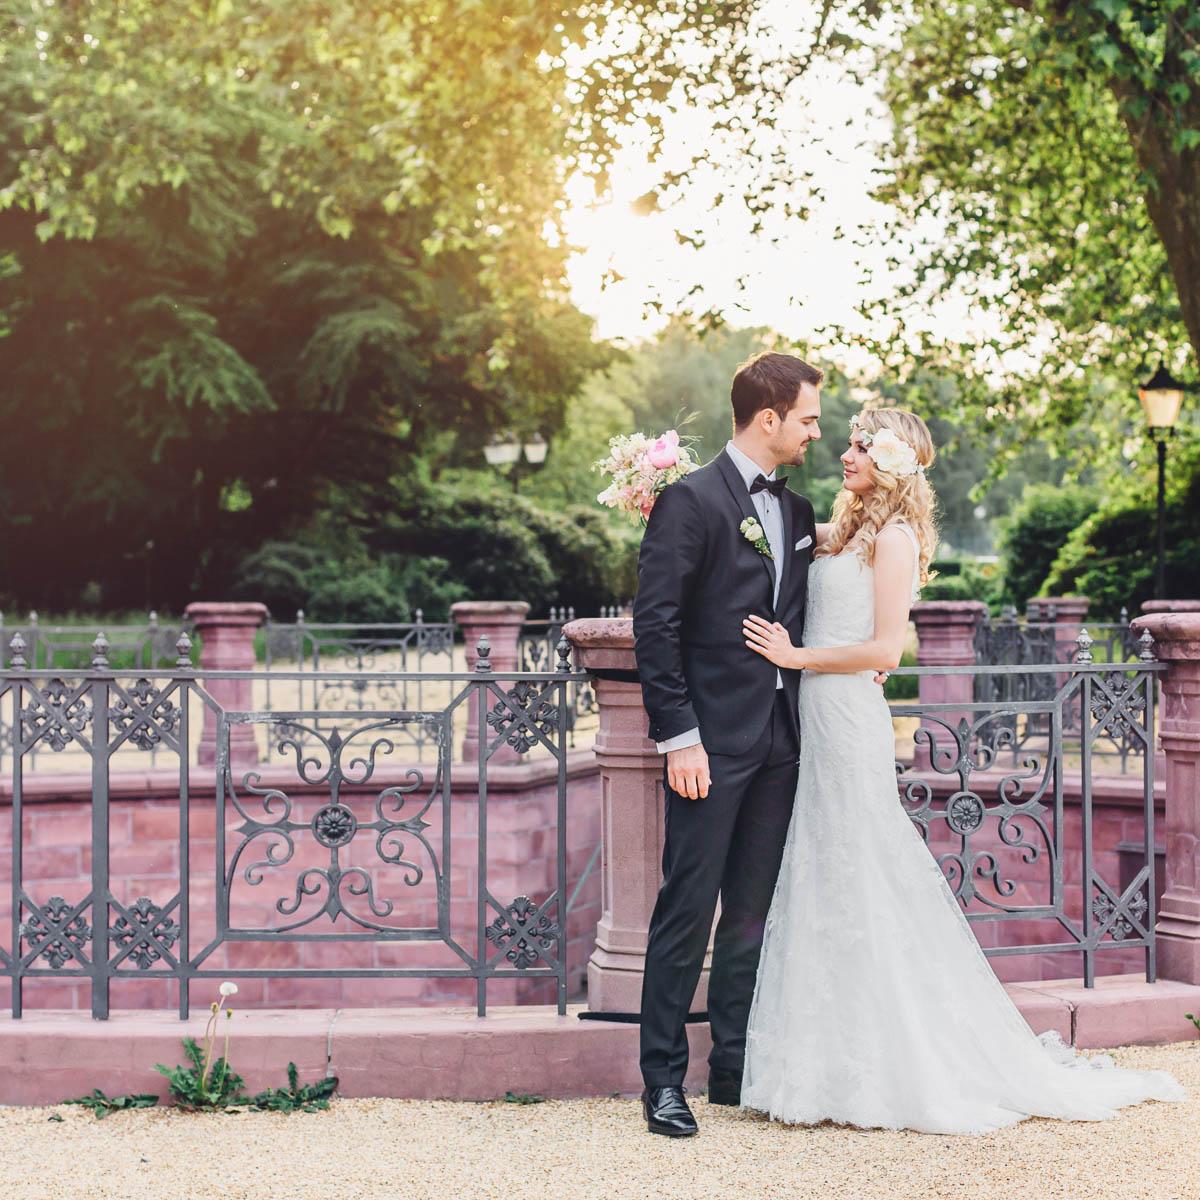 Hochzeit Bad Homburger Kurpark